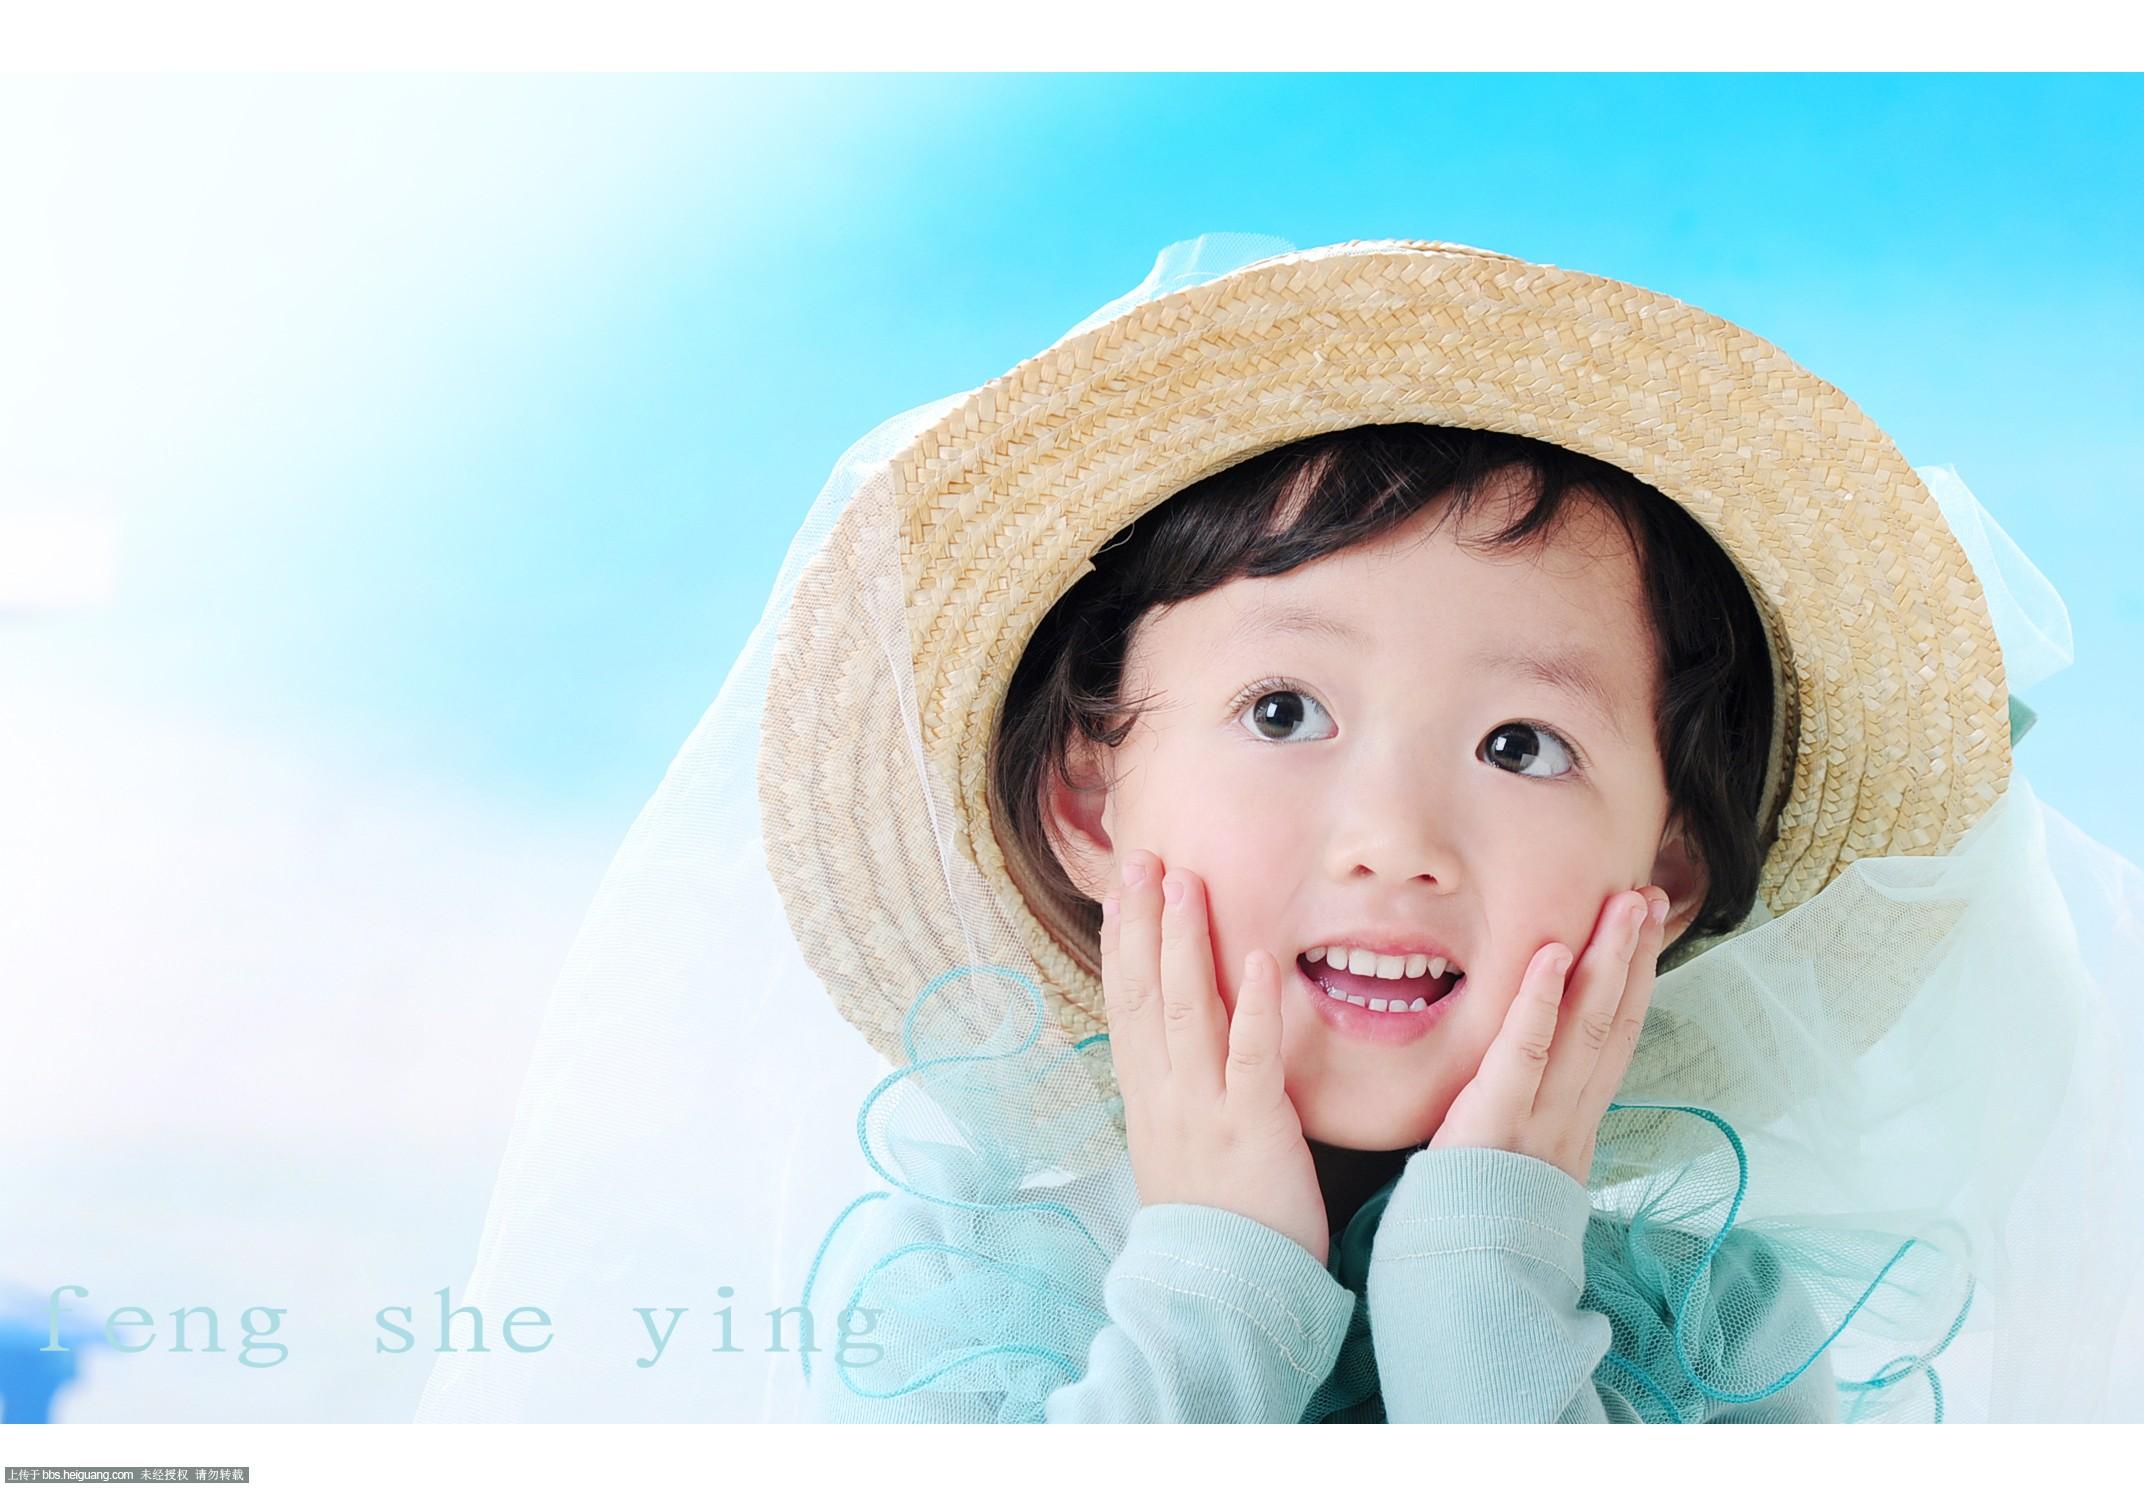 可爱女孩_儿童摄影作品_黑光论坛